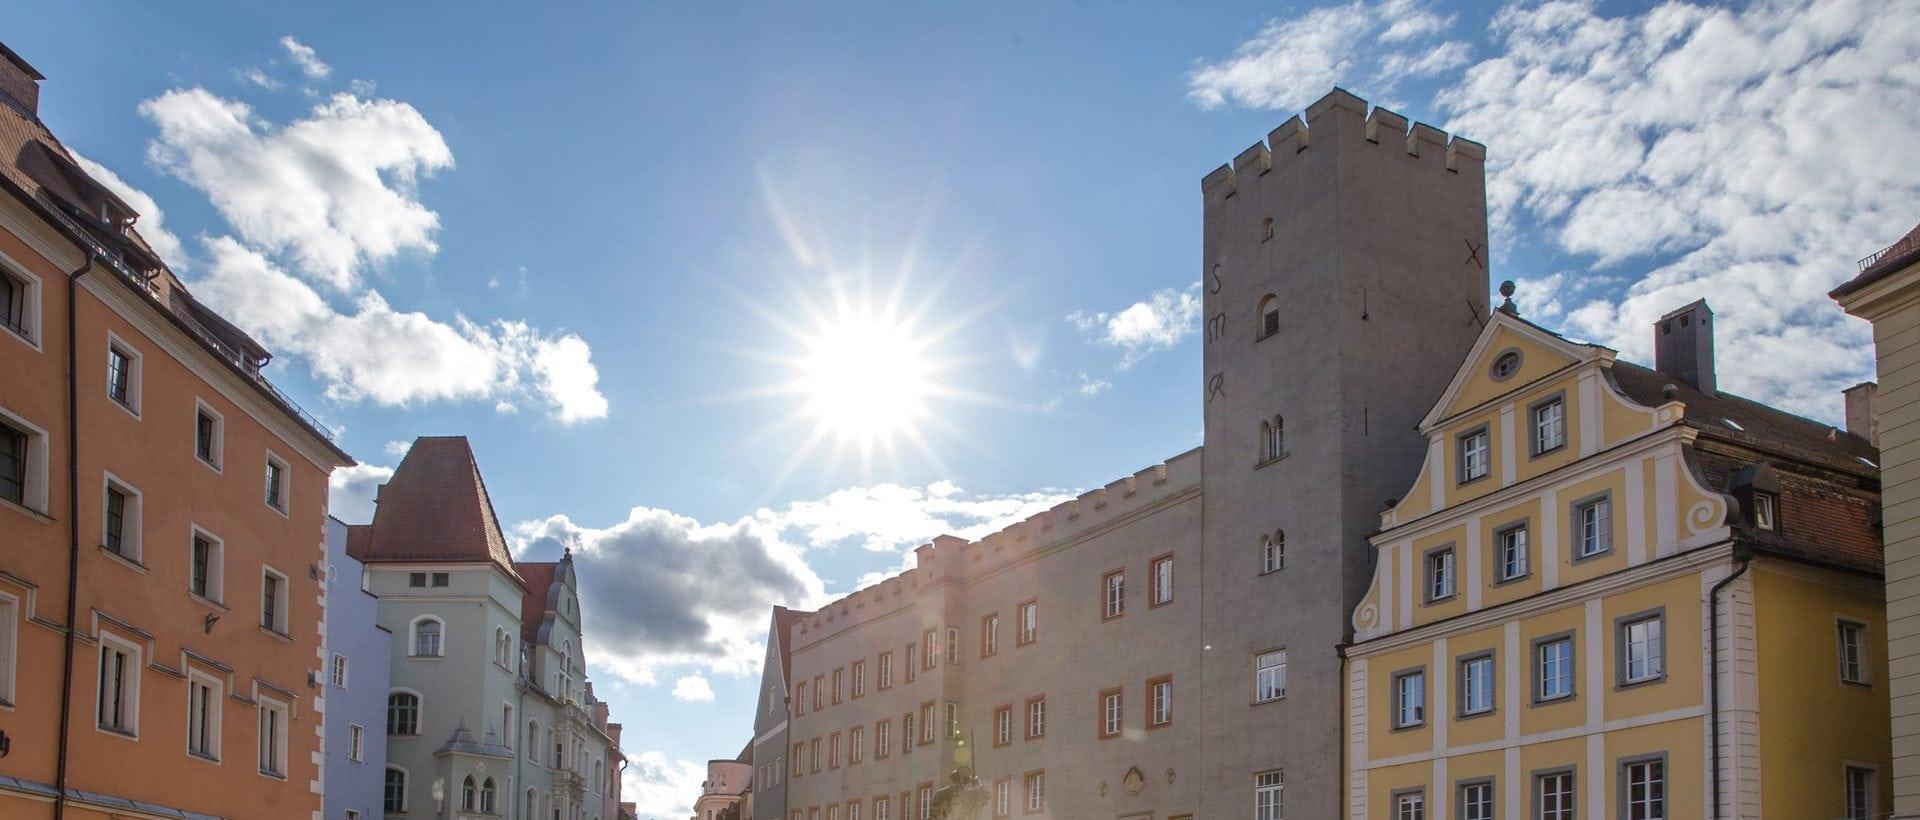 Klimawandel und Hitze in Regensburg Öffentliche Online-Umfrage der Stadt zum Thema Hitze startet